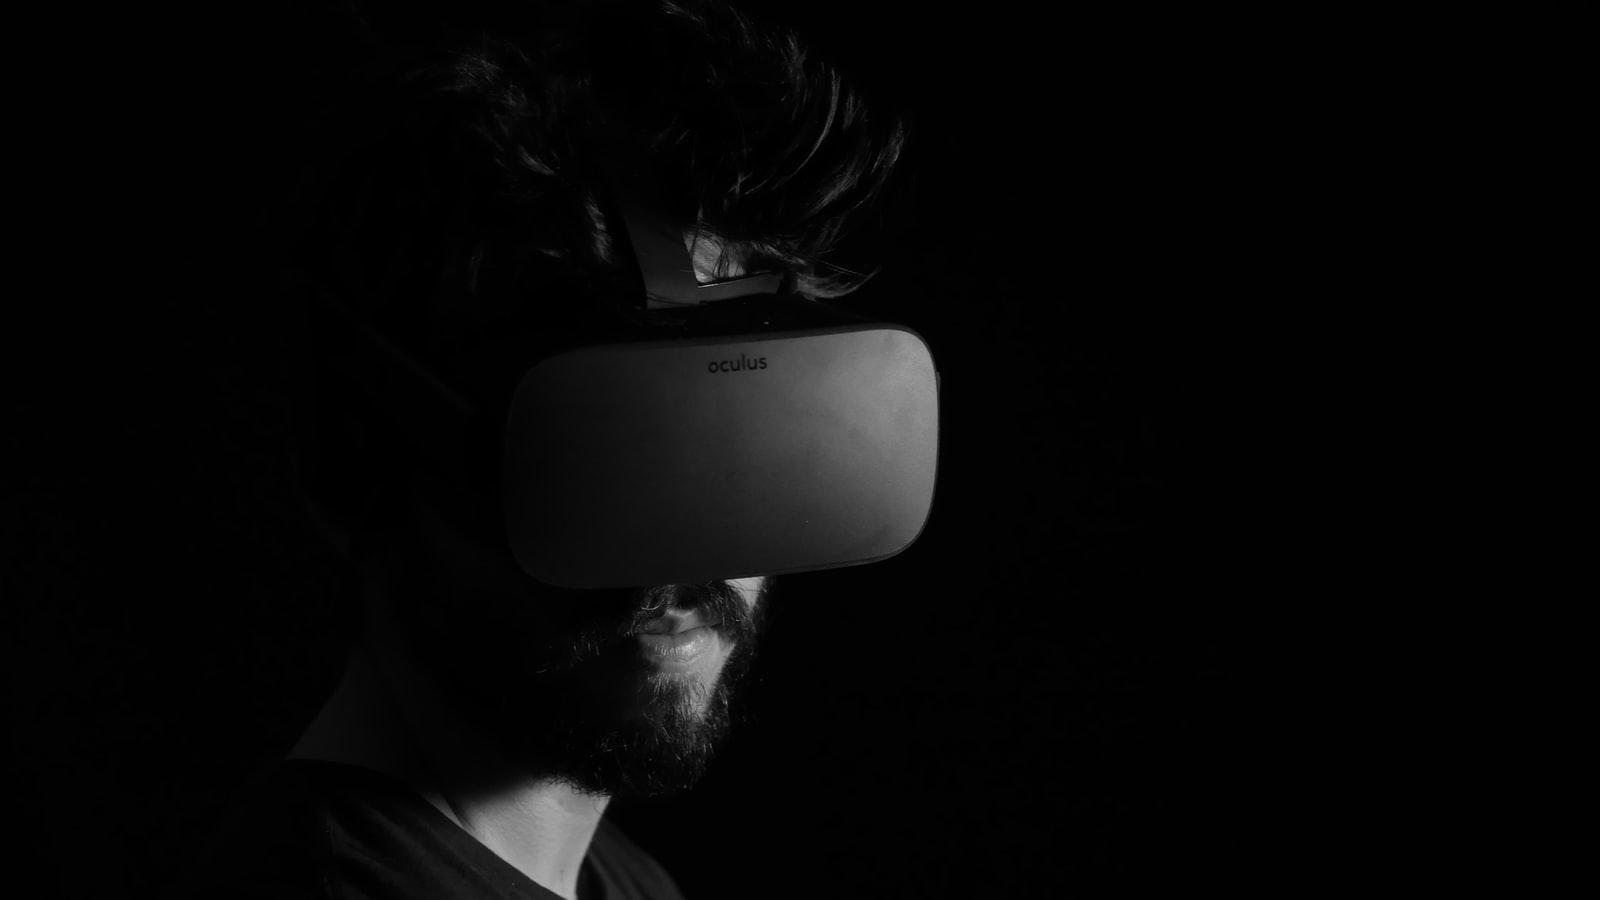 Video game visor